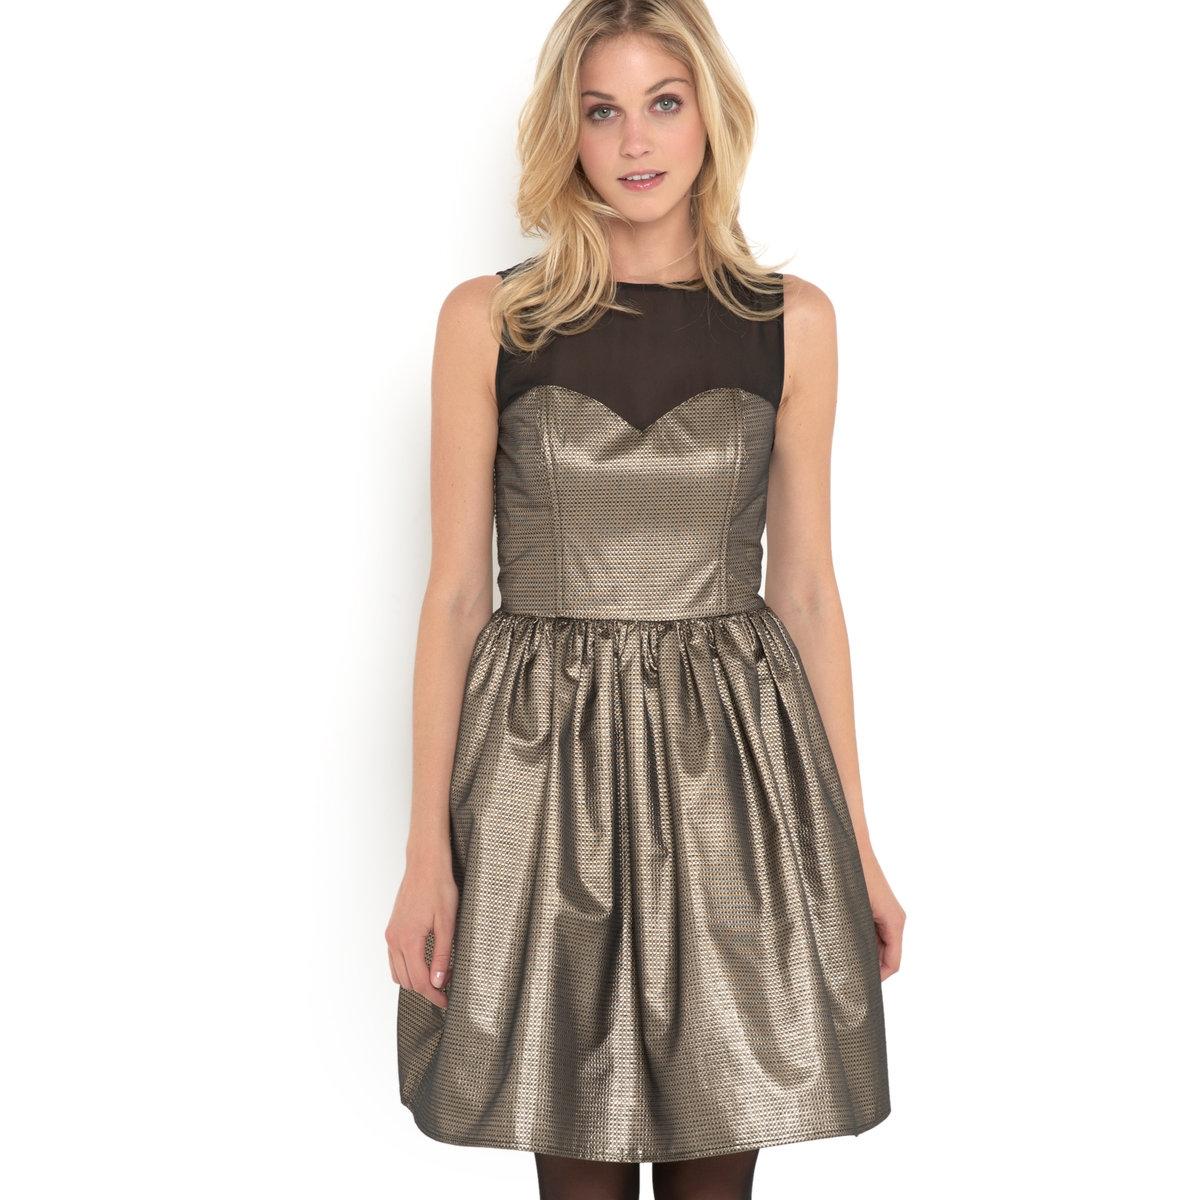 Платье с лифом без бретелек, Mademoiselle R.Платье-бюстье Mademoiselle R. Высокий лиф-корсаж из прозрачной вуали черного цвета с вырезом на спине. Пуговица вверху спинки. Задняя часть с оборками . Низ юбки из тюля. Застежка на скрытую молнию сбоку . 70% полиэстера, 20% металлизированных волокон, 5% хлопка, 5% других волокон. Длина 90 см .<br><br>Цвет: серый  черный<br>Размер: 38 (FR) - 44 (RUS).36 (FR) - 42 (RUS).40 (FR) - 46 (RUS).42 (FR) - 48 (RUS)